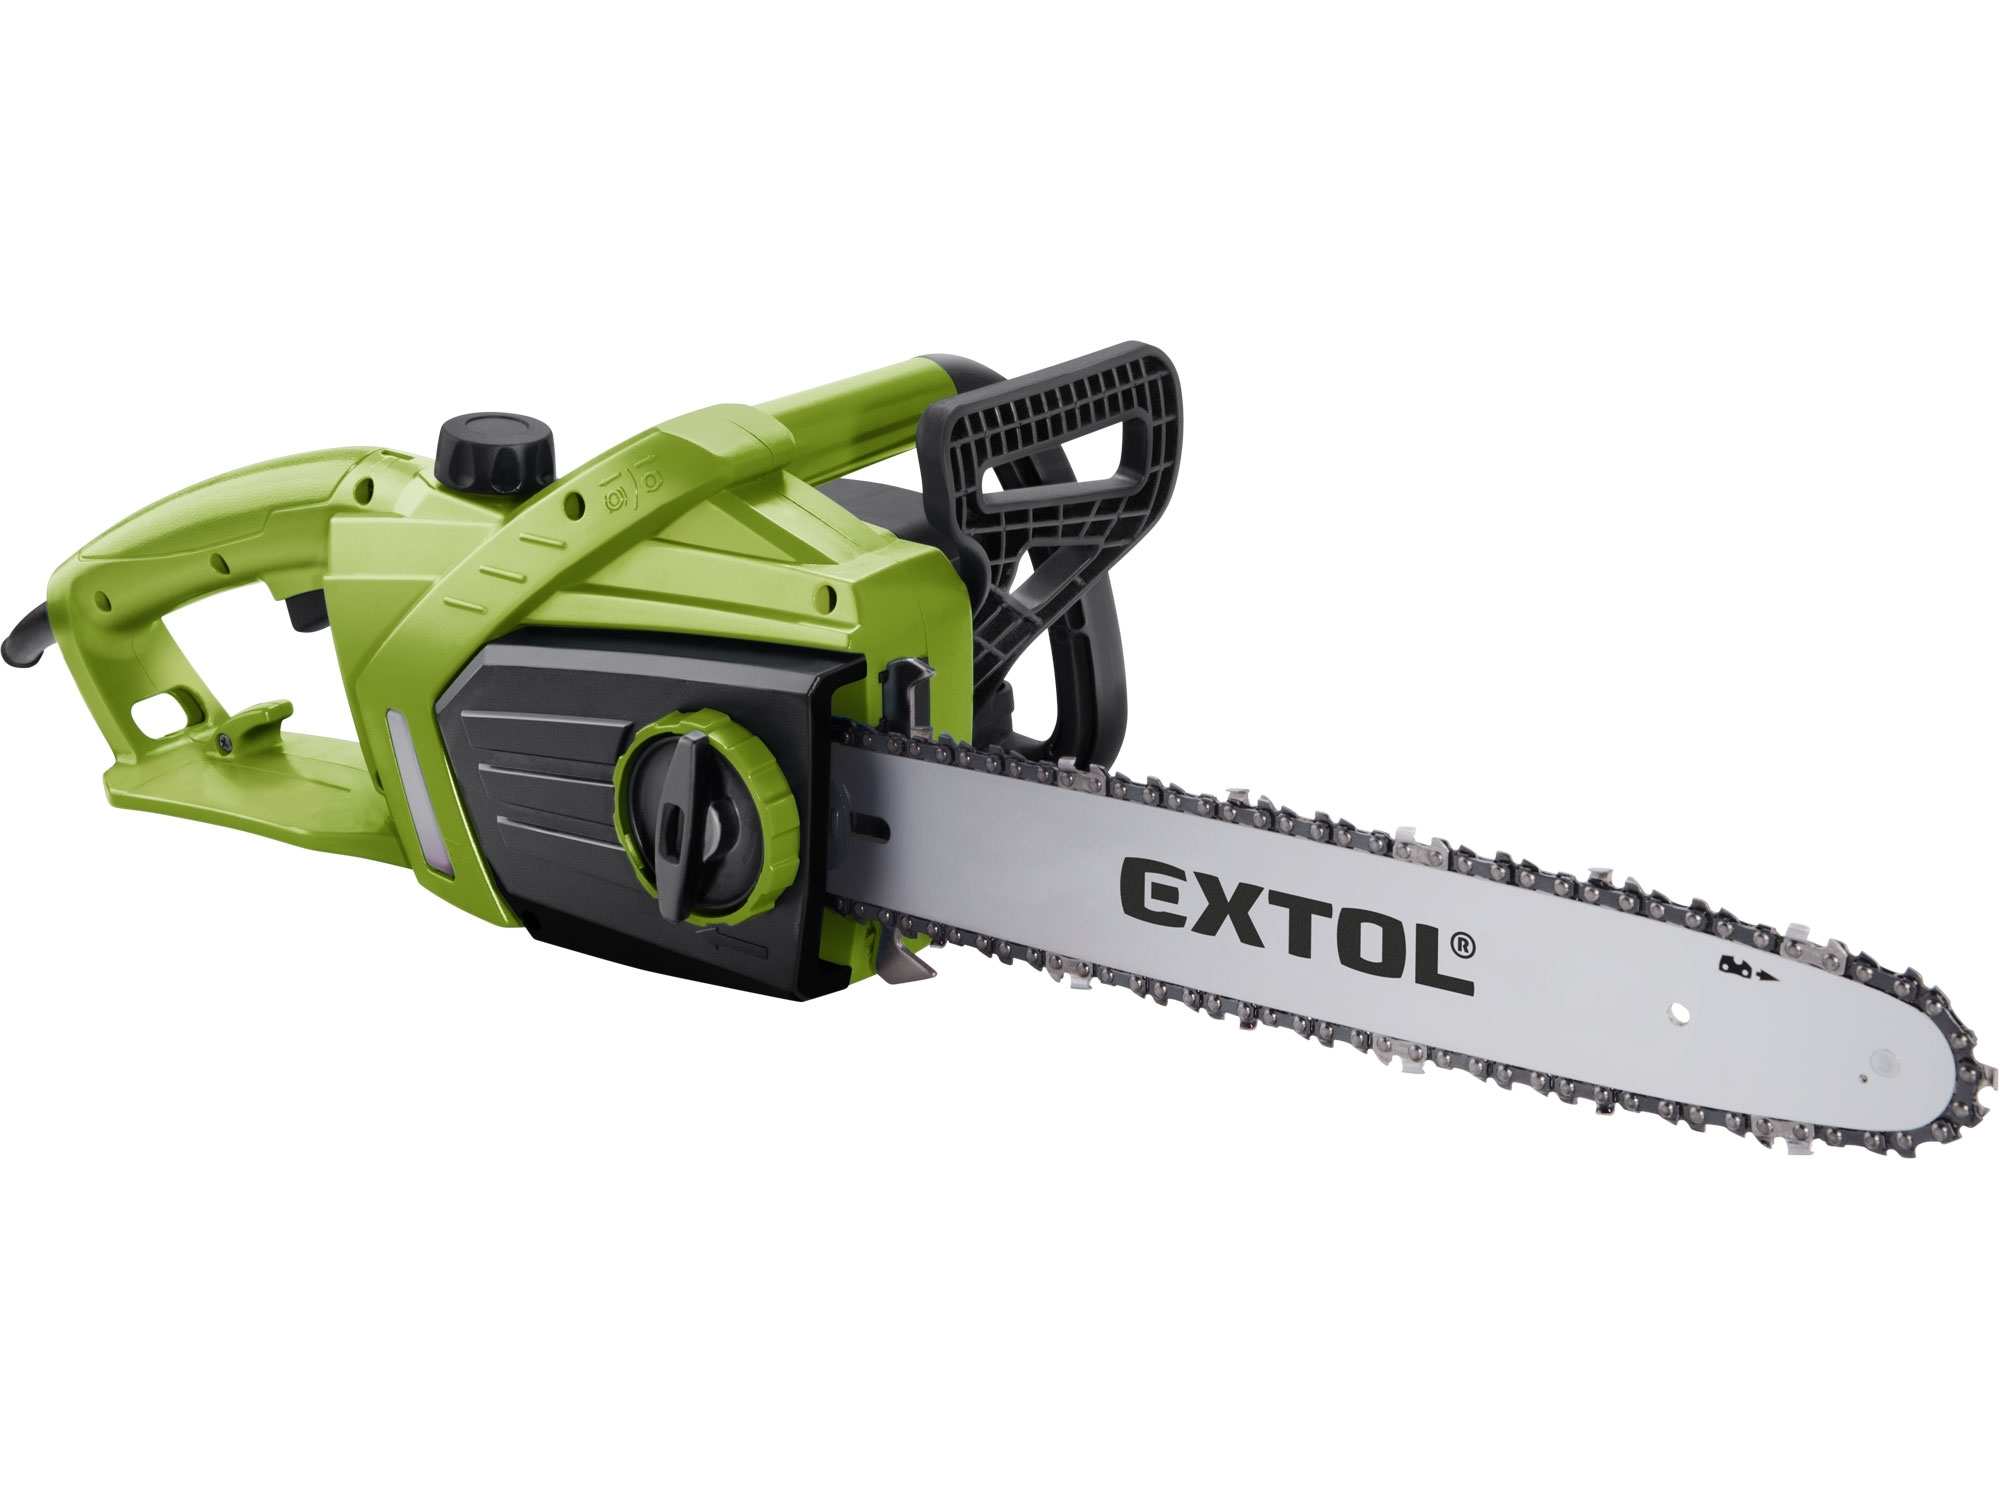 pila řetězová, 1800W, 350mm, EXTOL CRAFT 405610